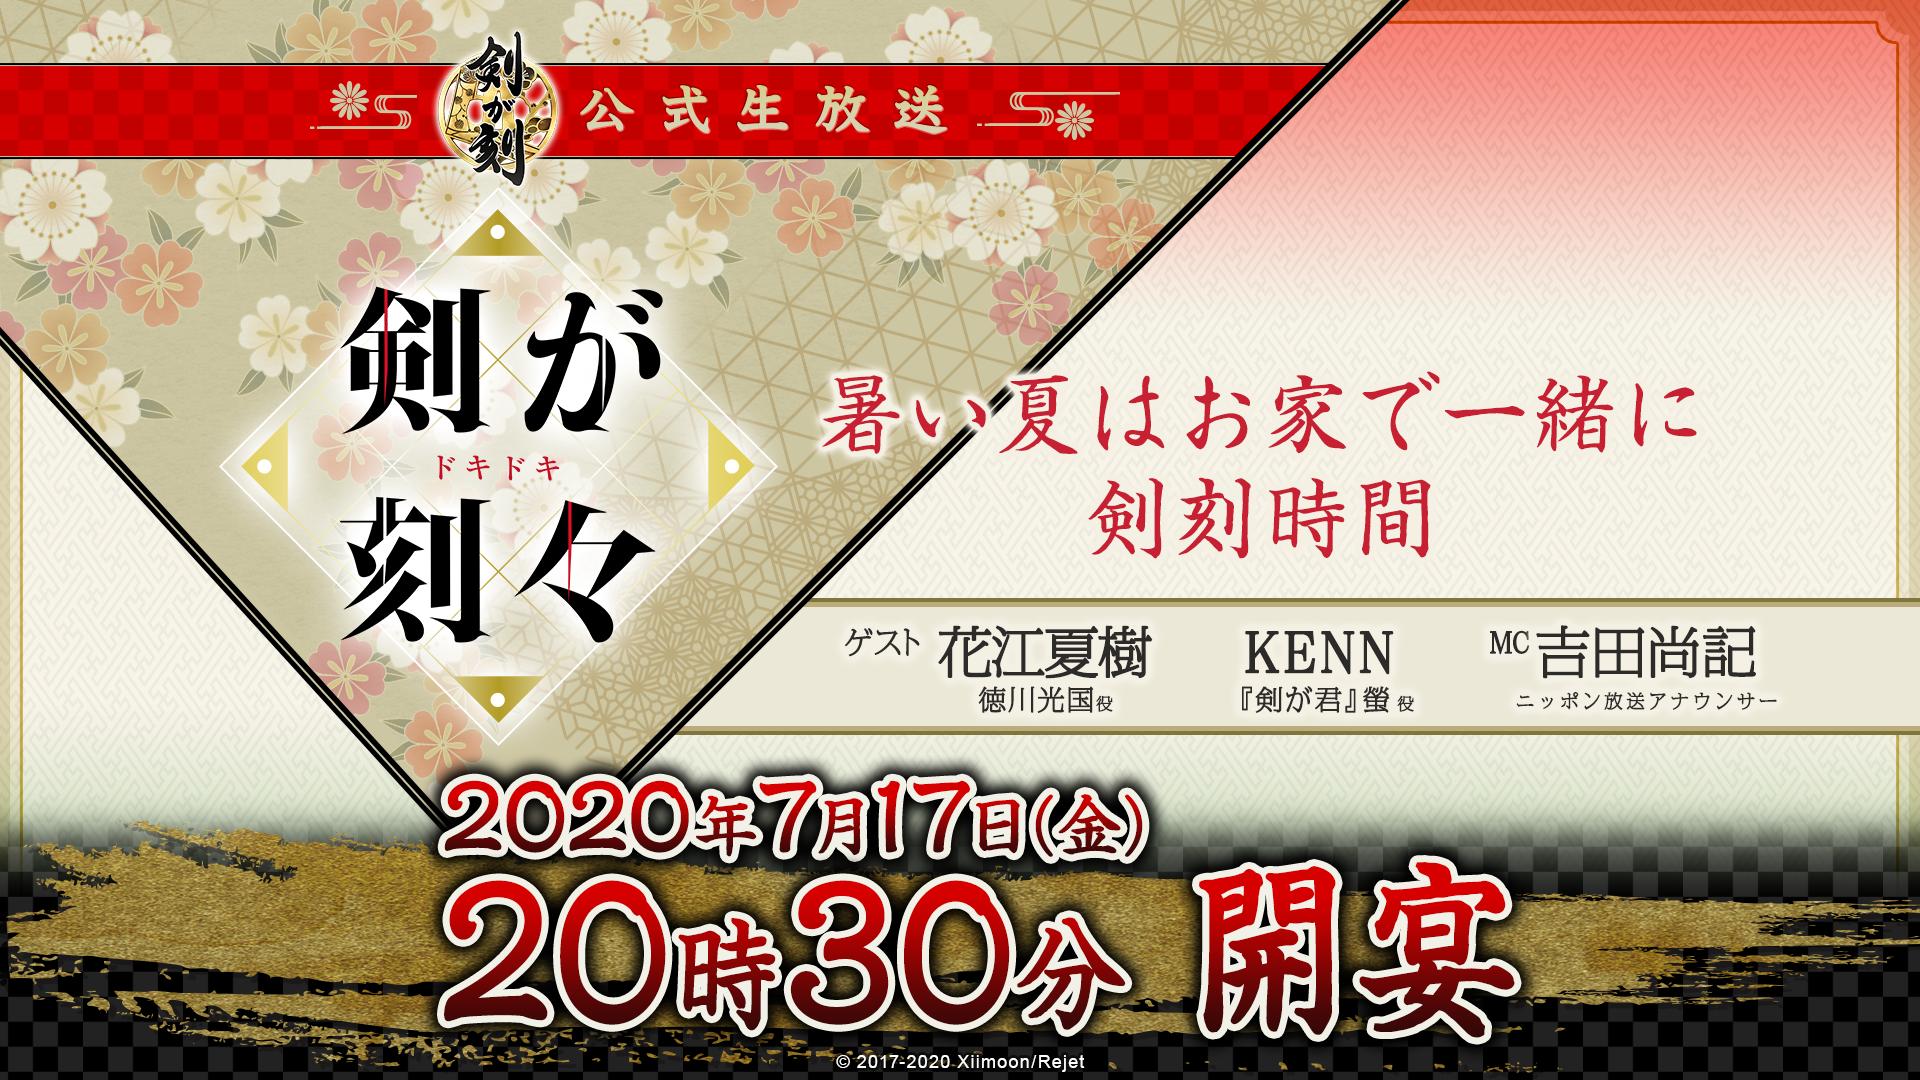 公式生放送「剣が刻々」第4回配信決定!